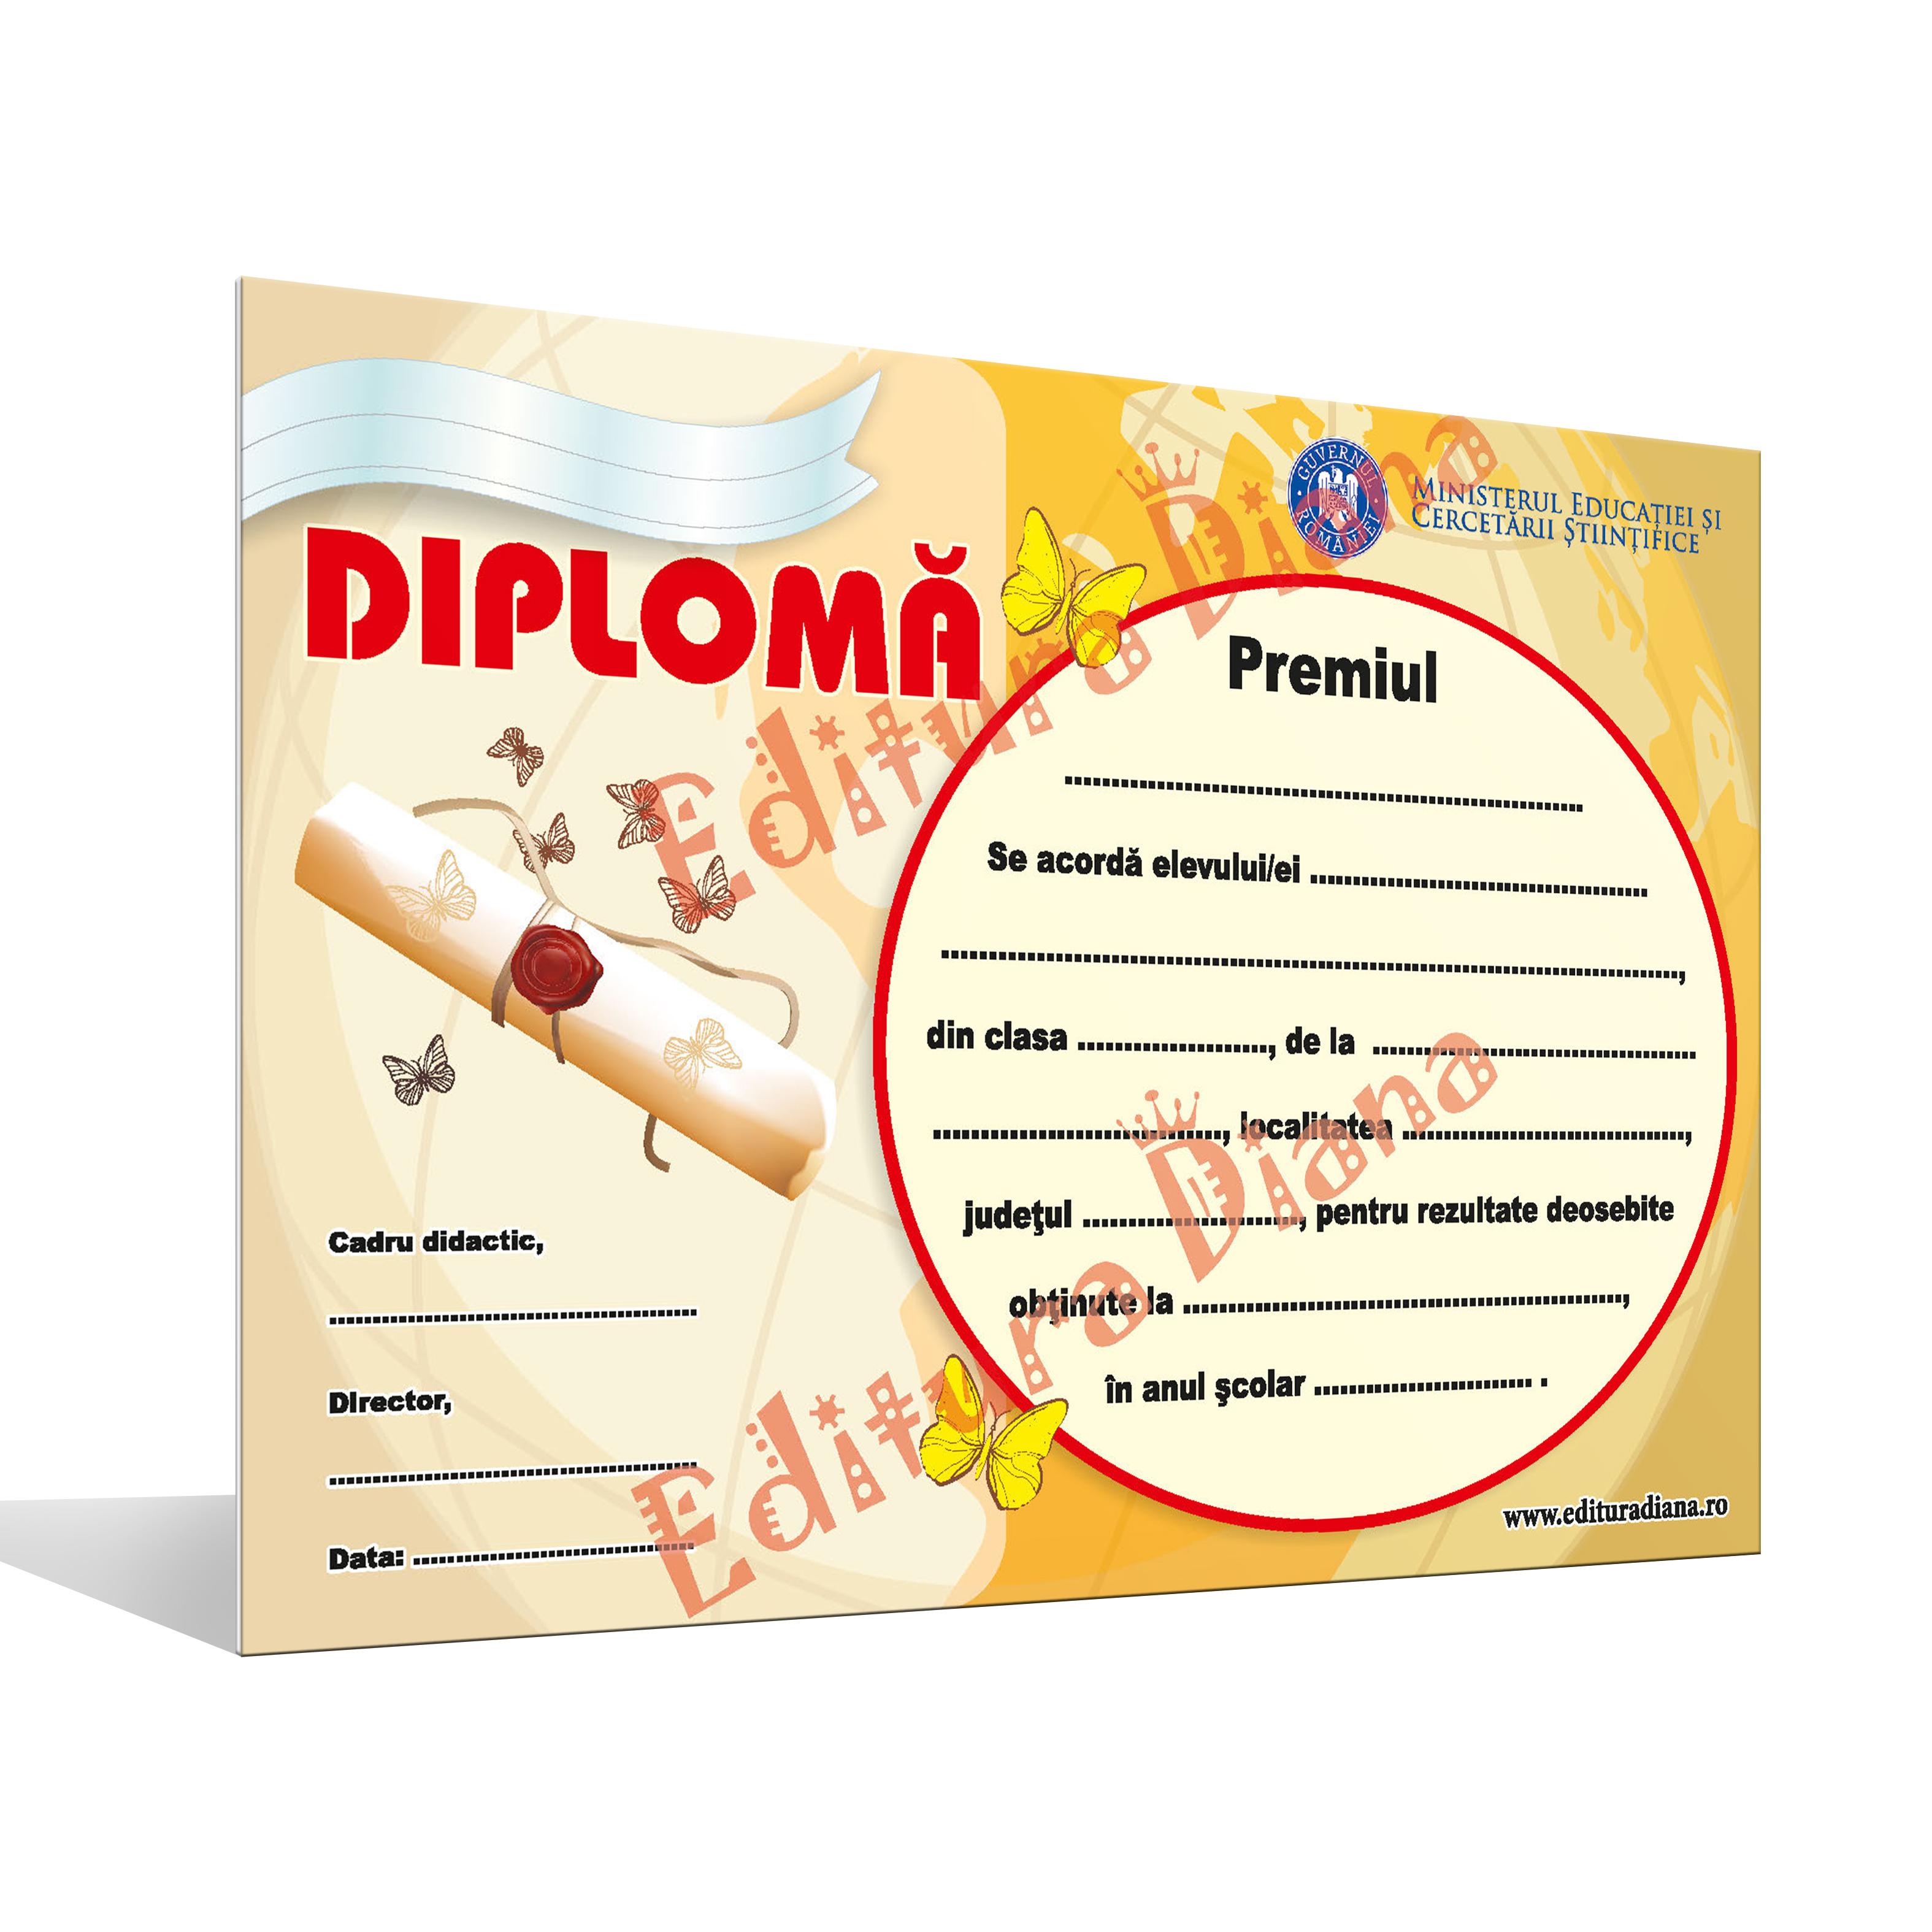 Diplomă de Premiu A4 imagine edituradiana.ro